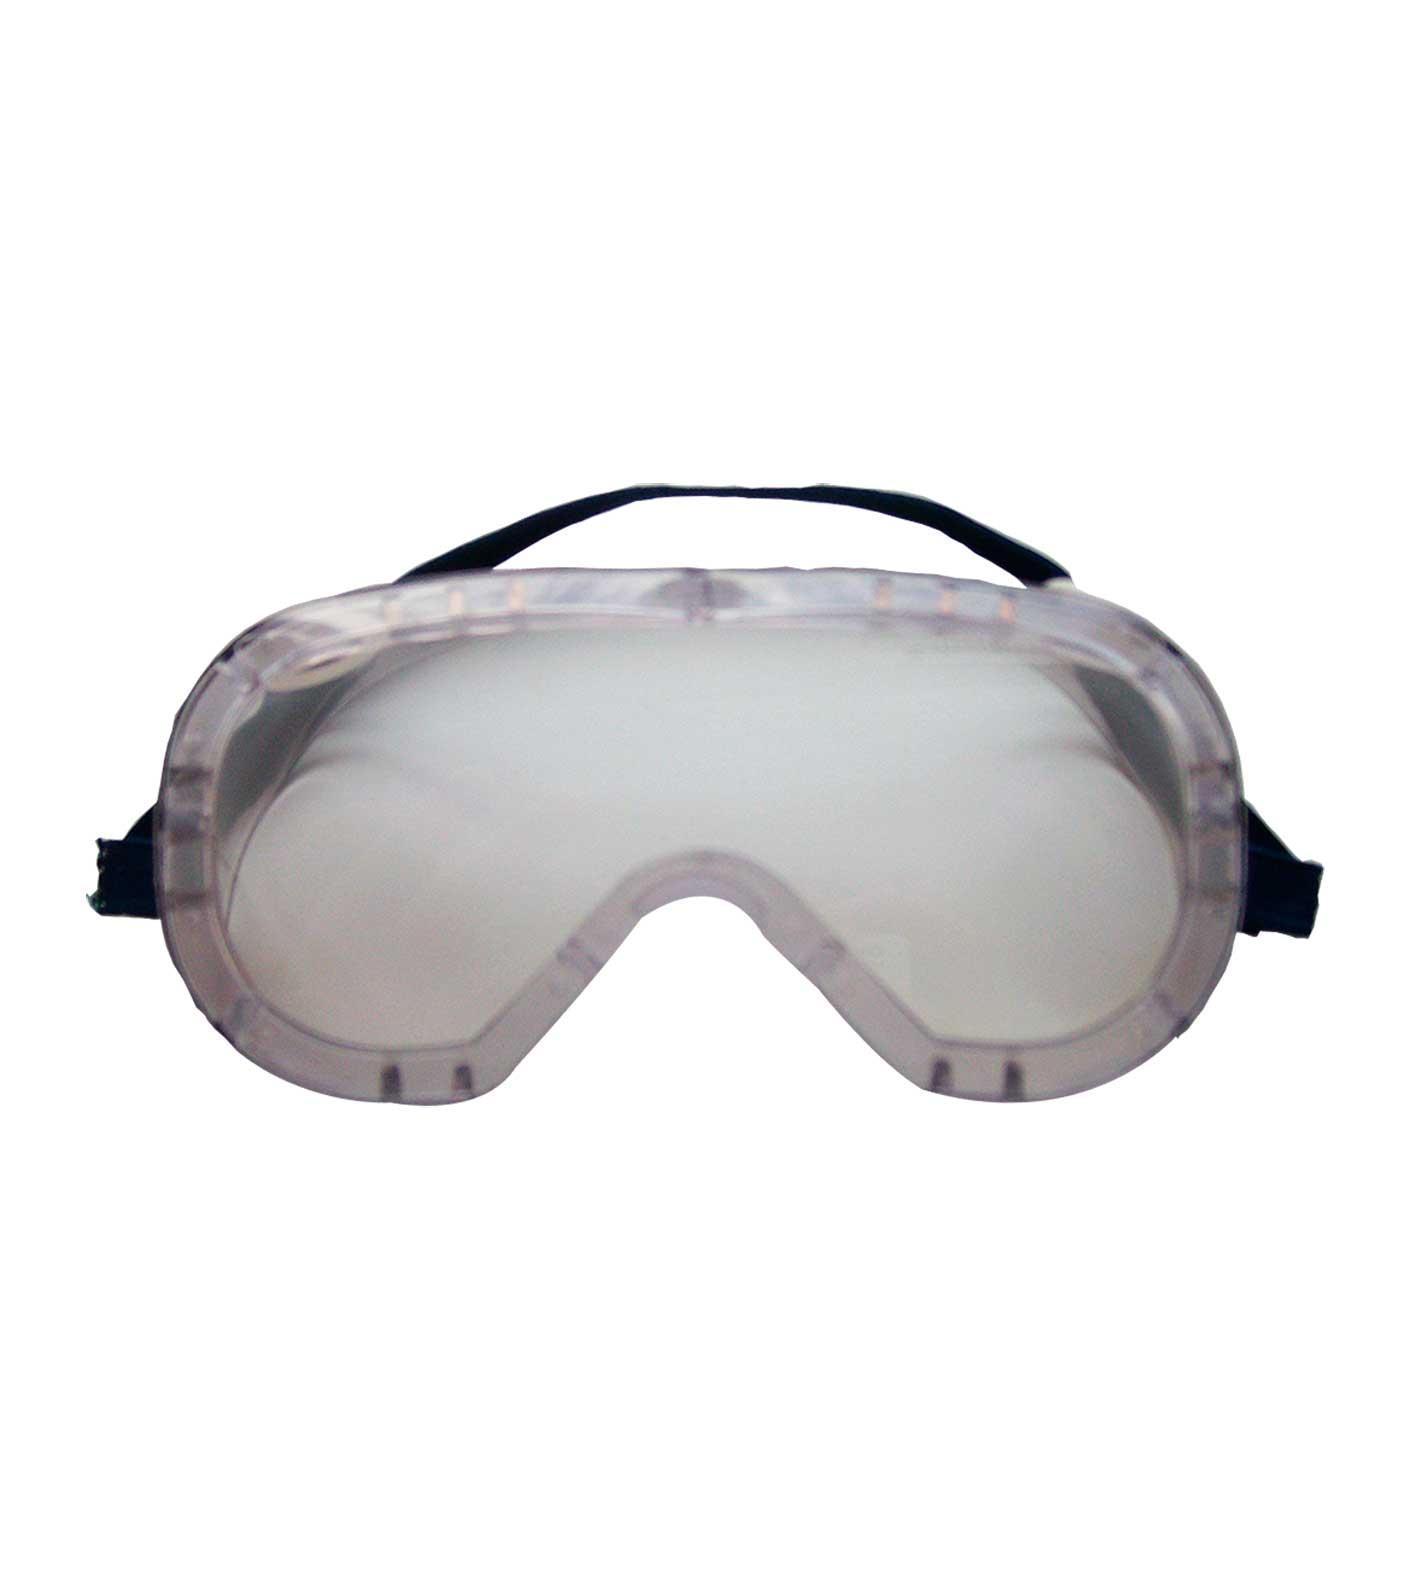 Gafas protectoras panorámicas 0885.154